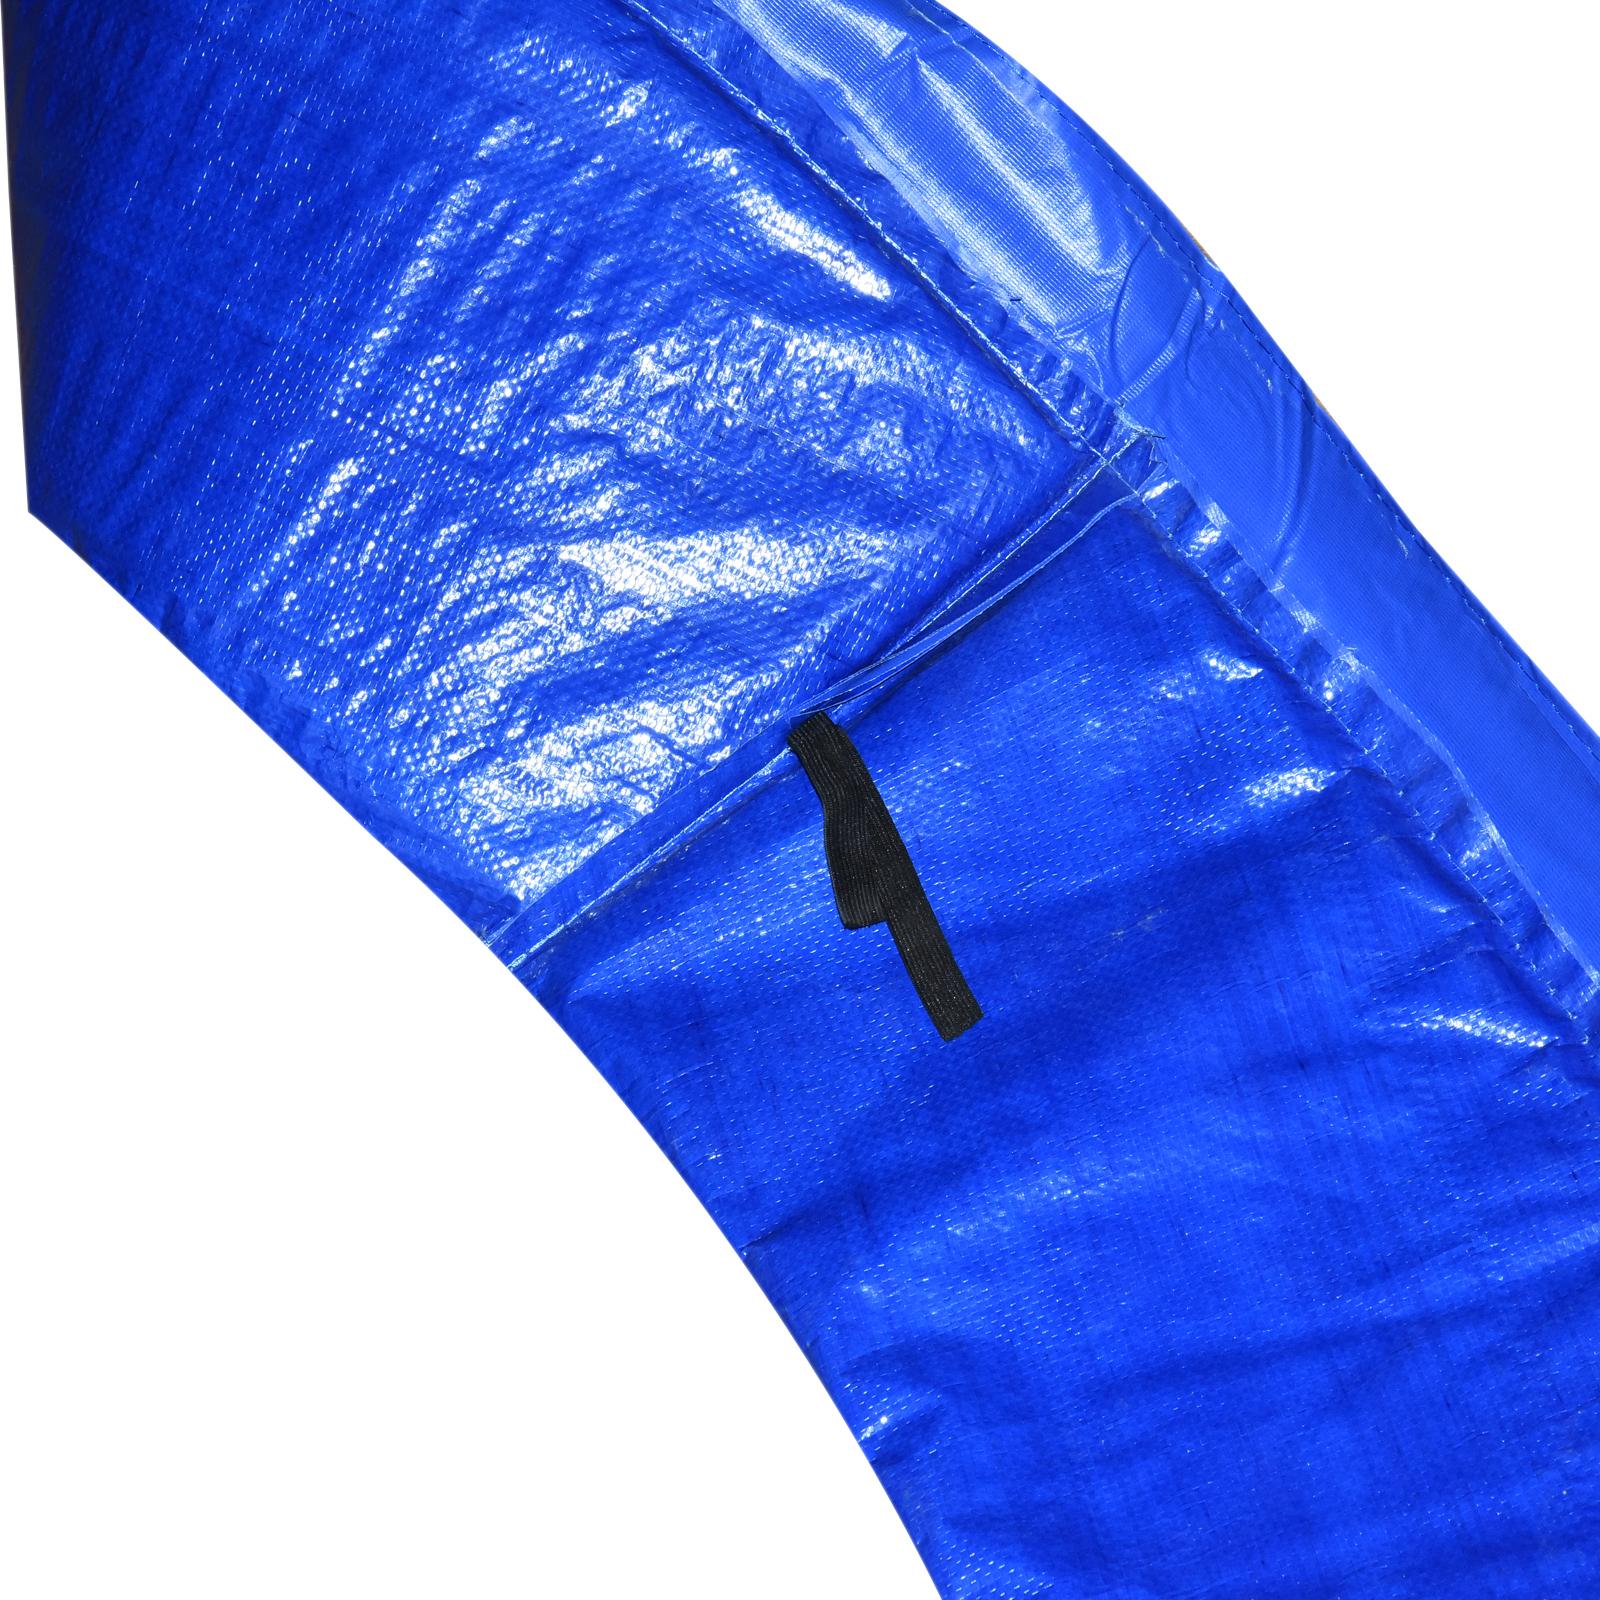 Cubierta-Protectora-para-Borde-de-Cama-Elastica-Trampolin-3-Medidas-Opcionales miniatura 11